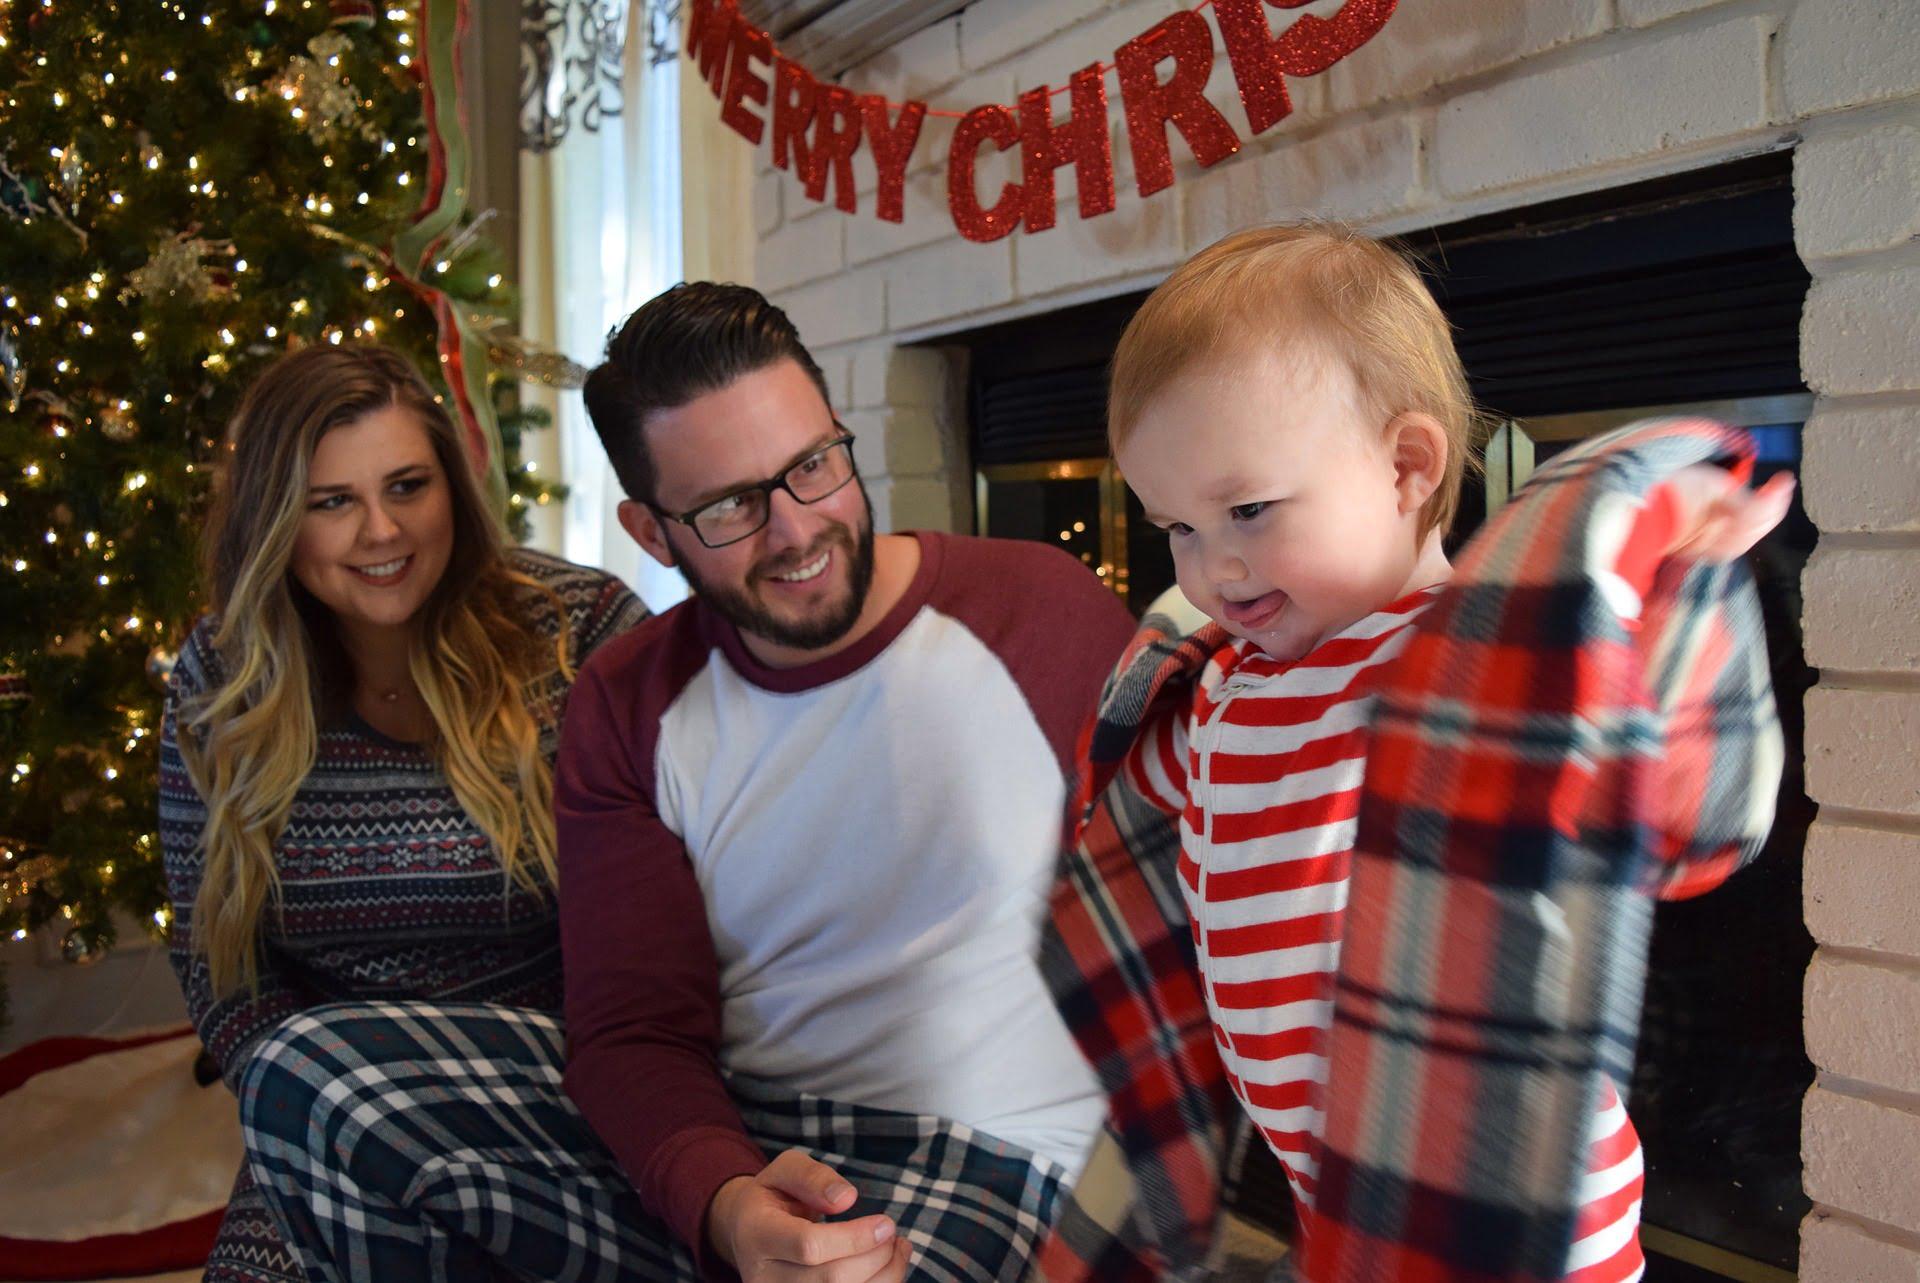 Primul Crăciun în trei este memorabil. Este acel Crăciun pe care îl petreci în familia ta, întregită acum de micuțul... spiriduș.